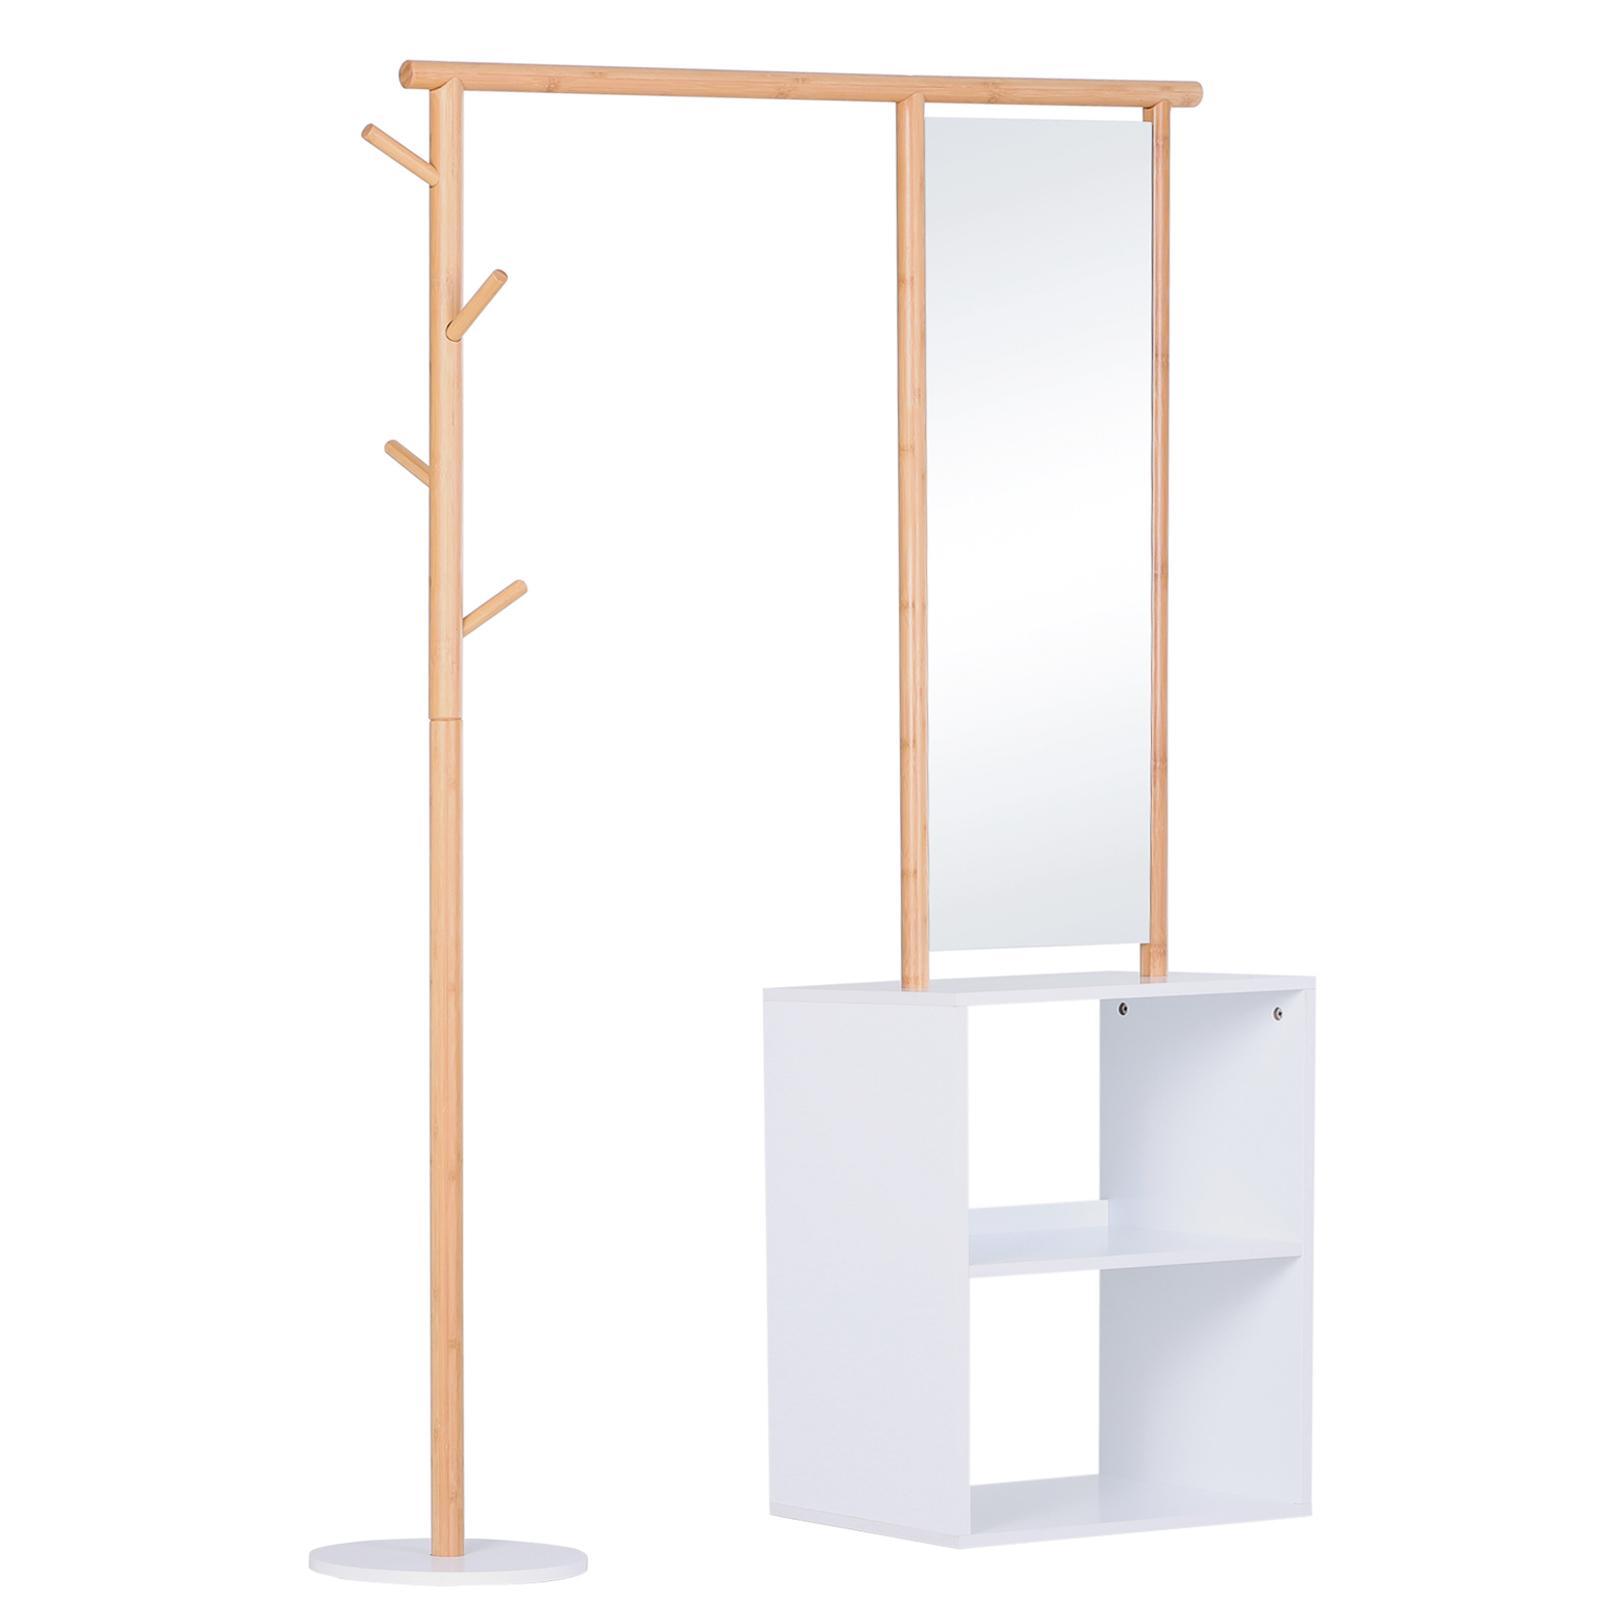 Porte-manteaux meuble d'entrée avec penderie et miroir